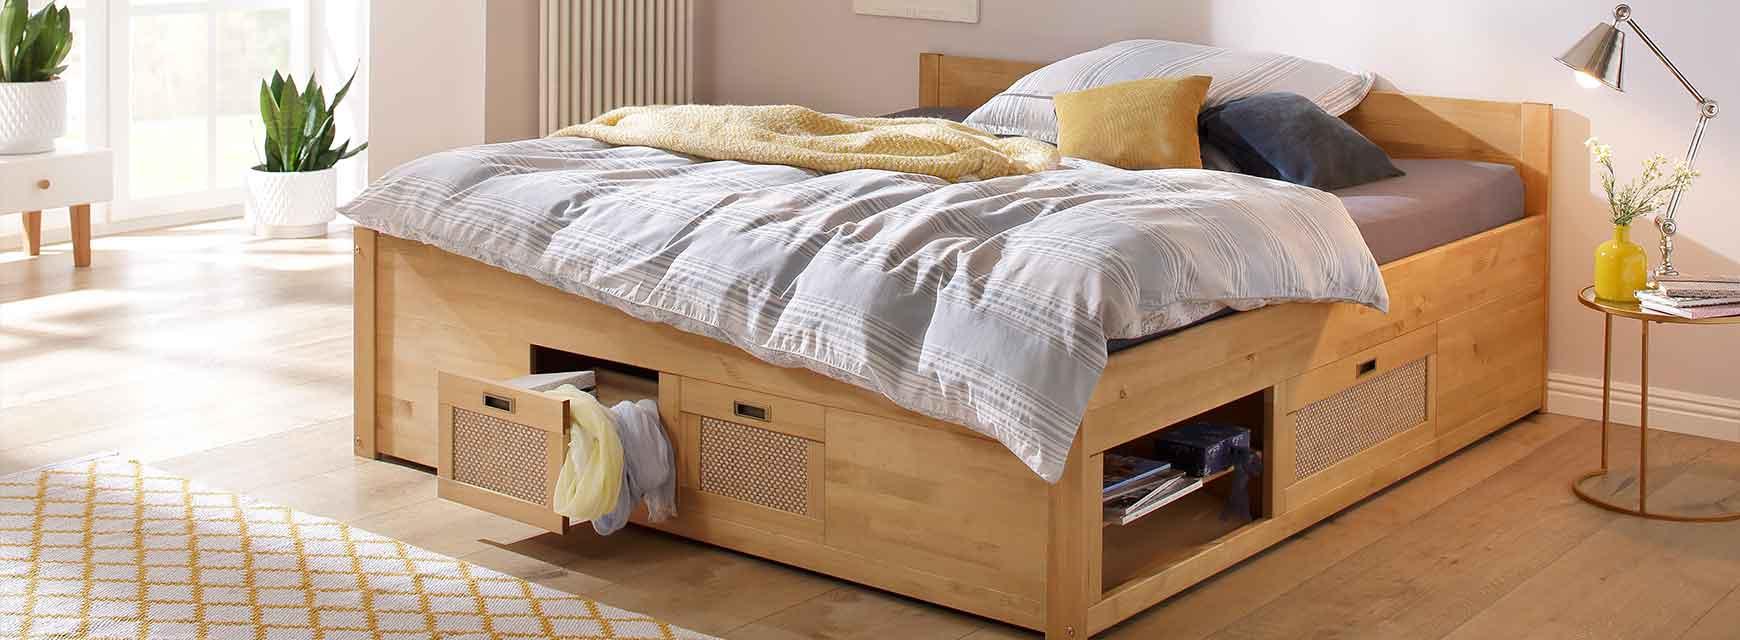 Full Size of Betten 200x220 Bett Landhausstil Landhaus Online Kaufen Naturloftde Für übergewichtige Kopfteile Test Coole Luxus Ikea 160x200 Amazon Team 7 Designer Somnus Bett Betten 200x220